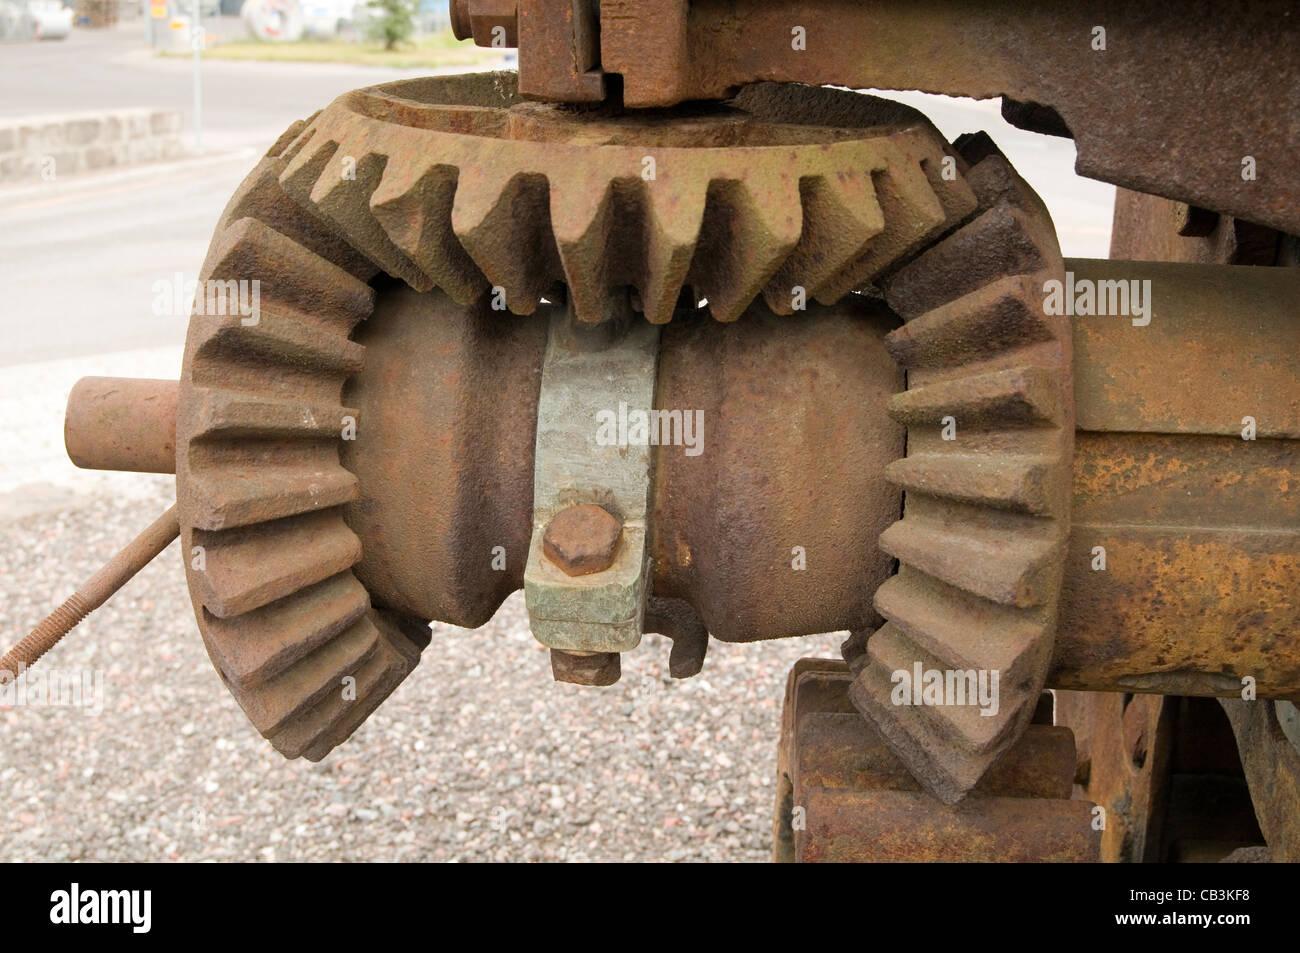 bevel gear gears cog cogs teeth - Stock Image